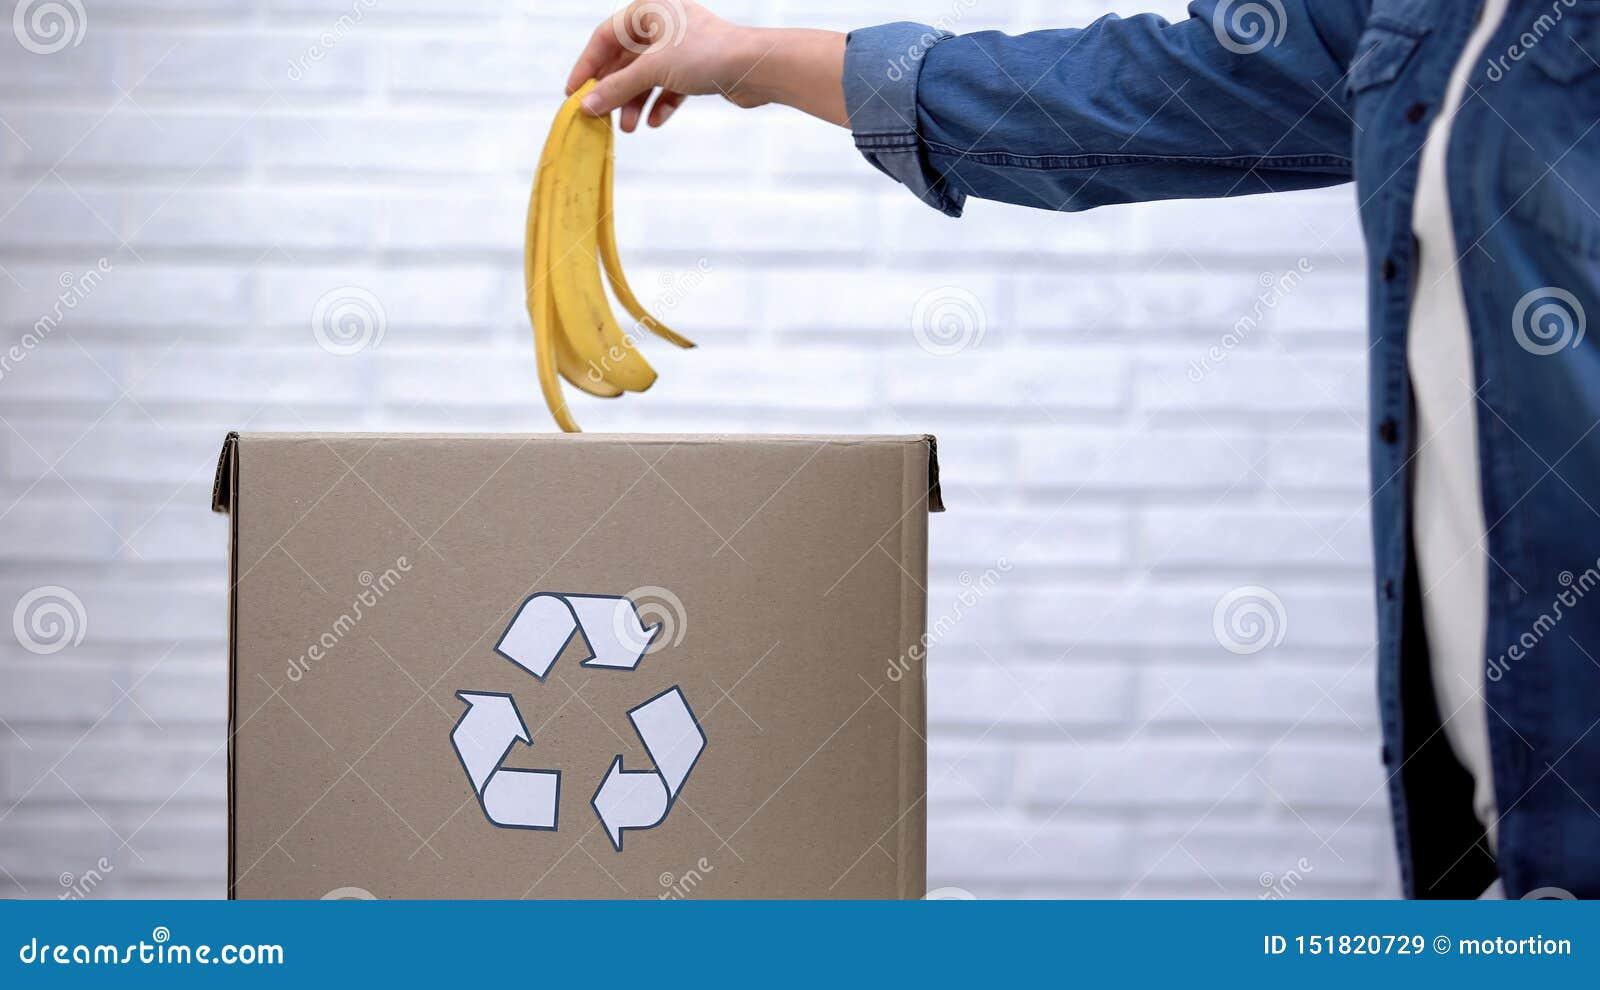 Casca de jogo da banana da pessoa no escaninho de lixo, desperdício orgânico que classifica, conscientização